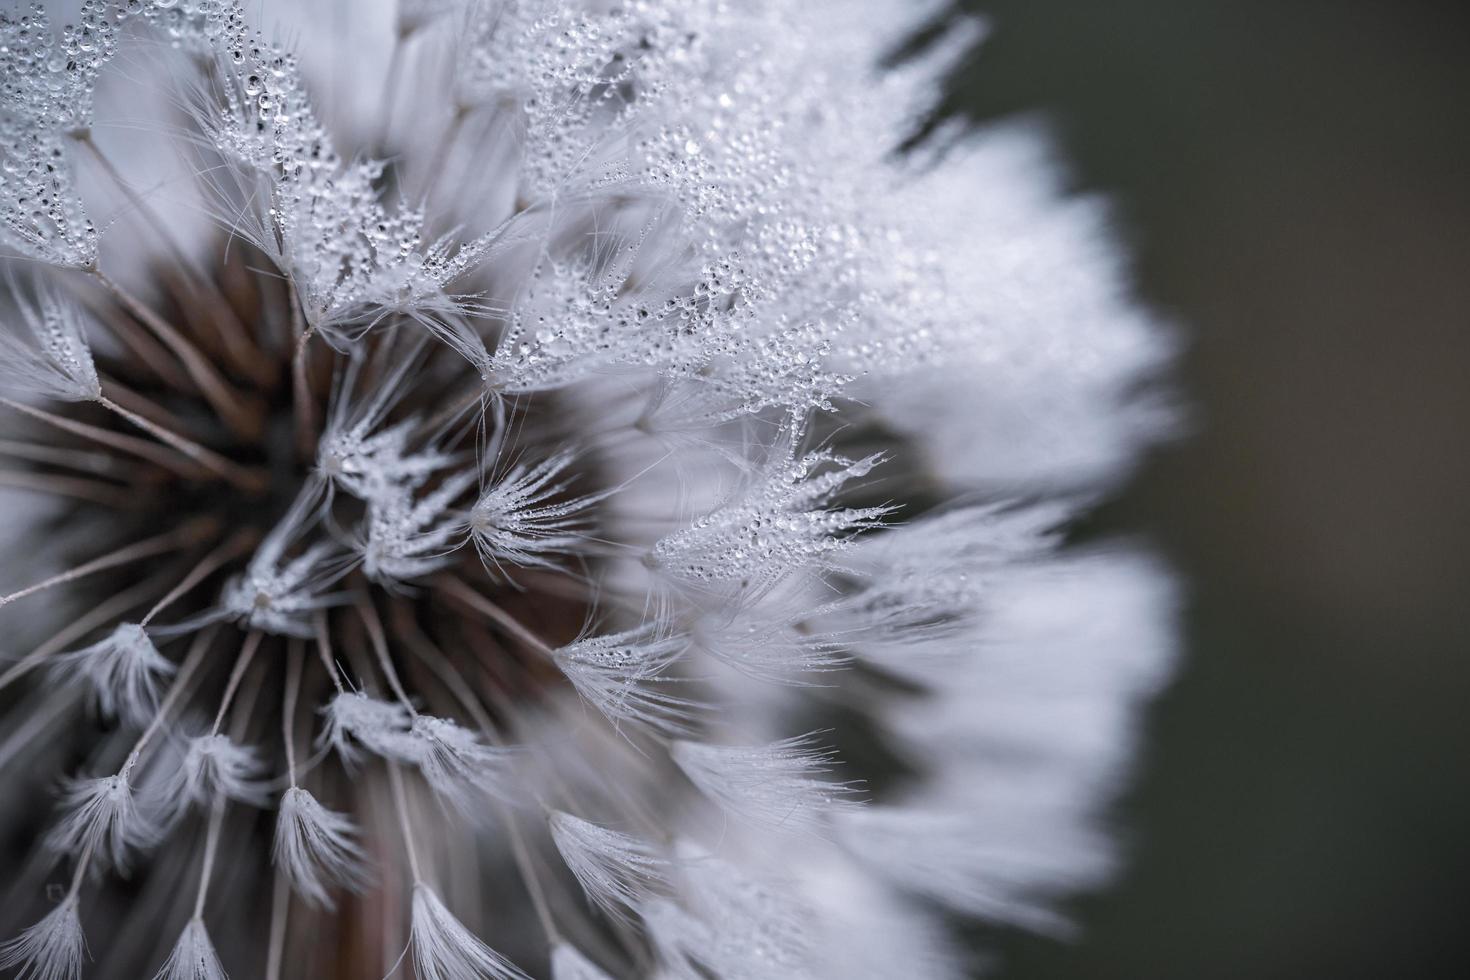 Tautropfen auf weiße Blume foto